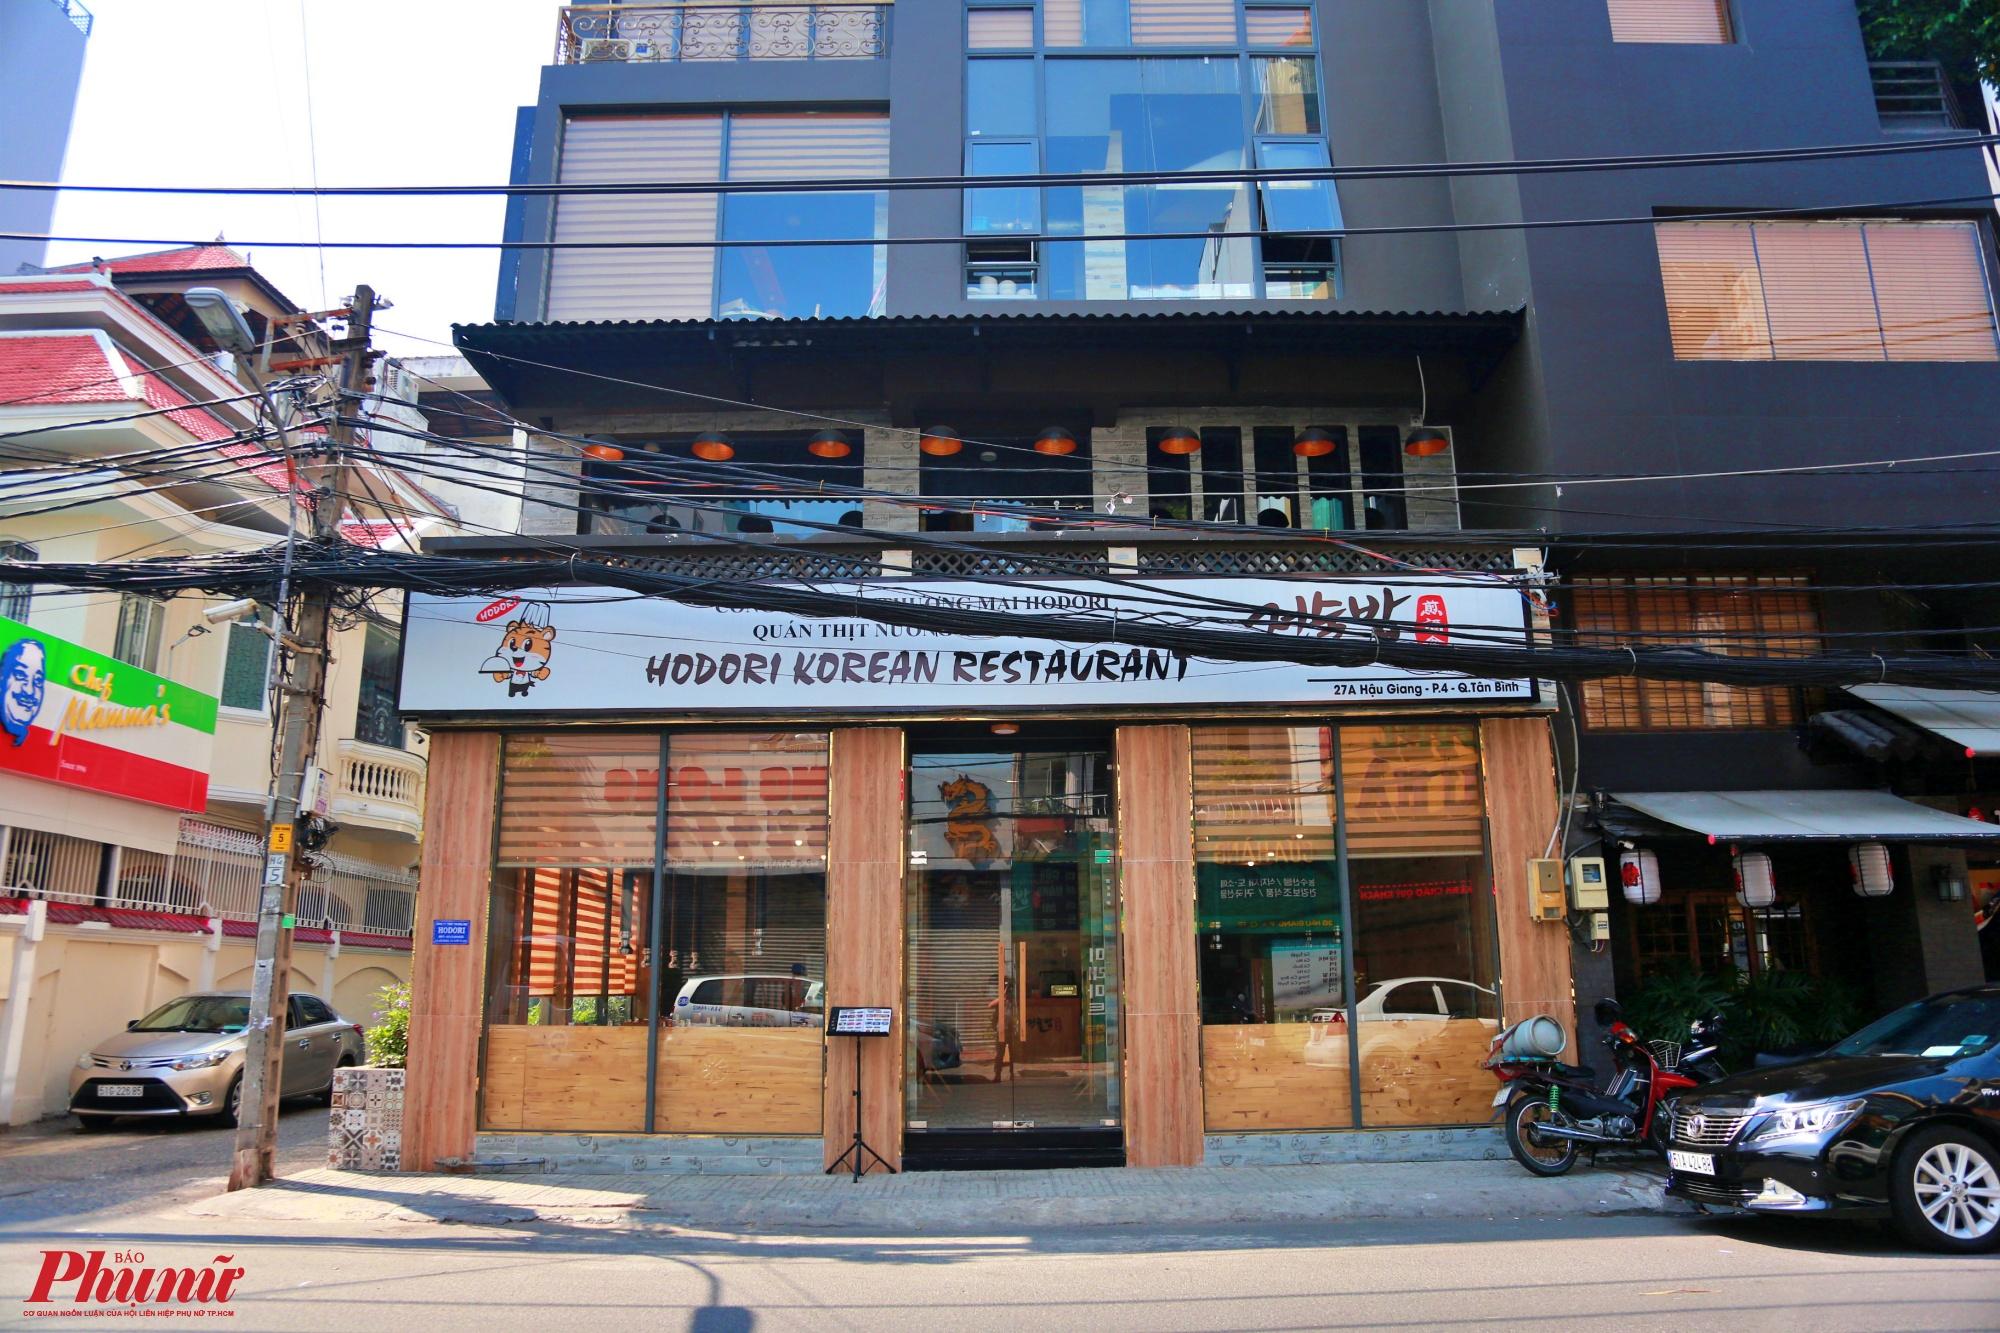 Các nhà hàng phục vụ khách Hàn Quốc là chính, buổi trưa và tối lượng khách đến rất đông, khách du lịch từ Hàn sang cũng lui tới đây để ăn uống nhưng nay đã thưa thớt đi nhiều